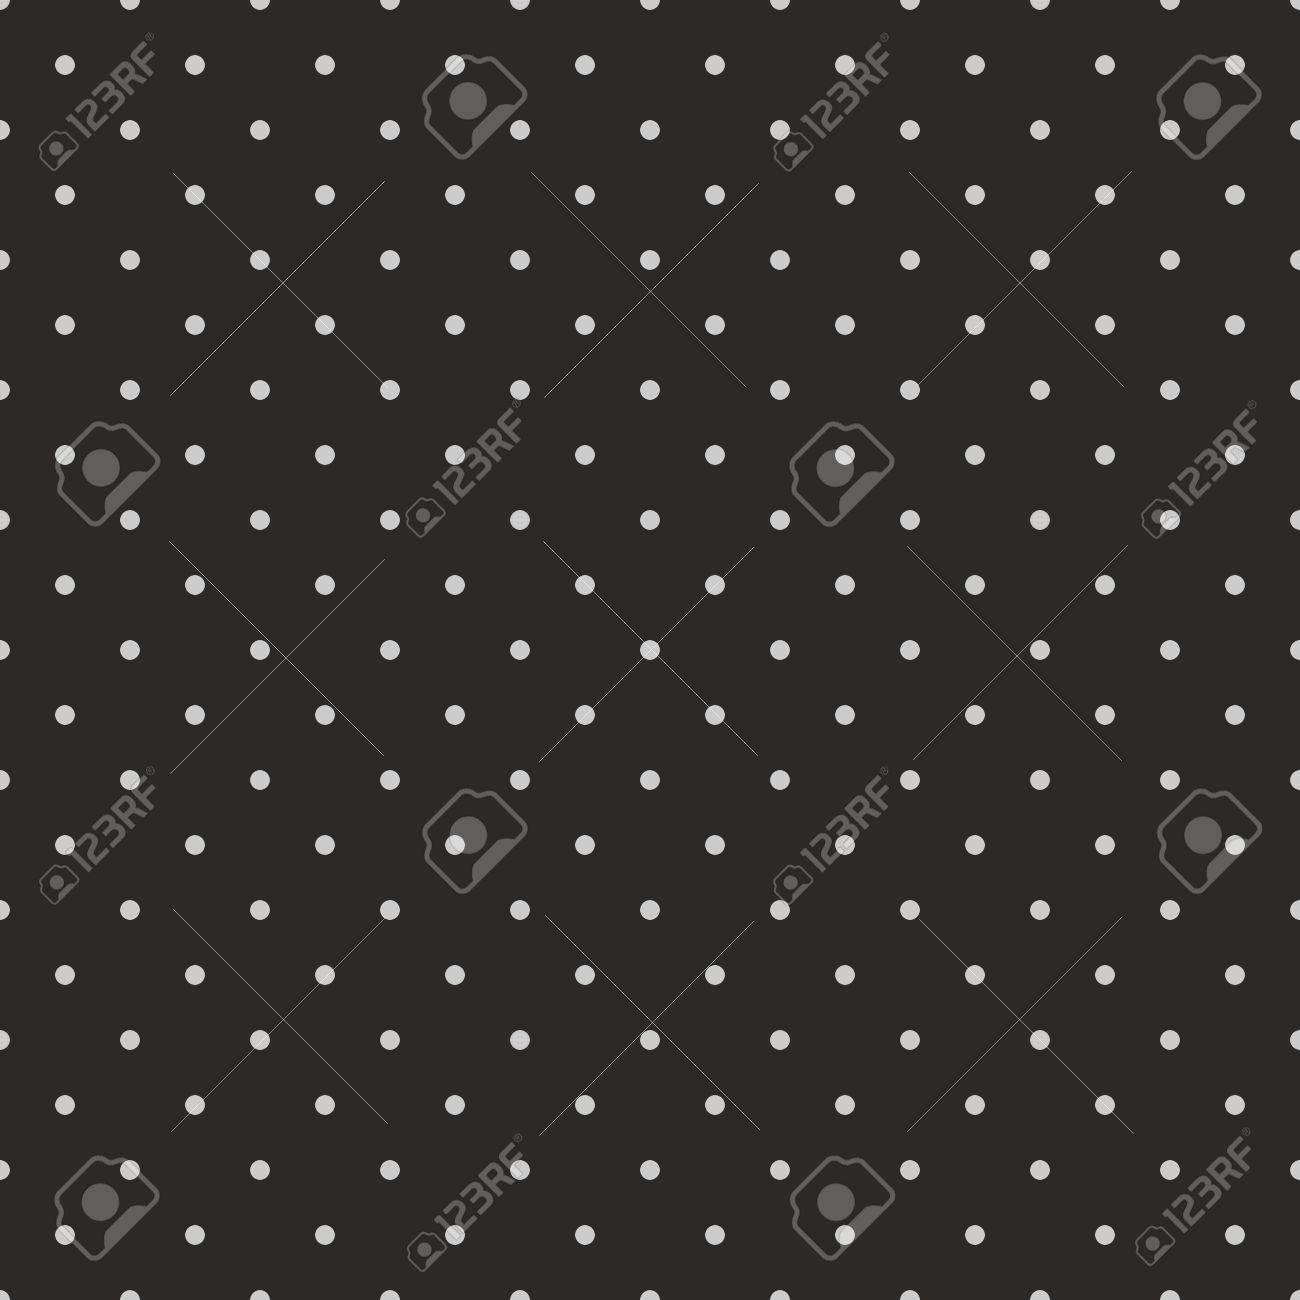 ウェブサイト ウェブ デザイン デスクトップの壁紙 ブログの背景 芸術およびスクラップ ブックのための黒の背景に灰色の水玉とシームレスなベクター パターンのイラスト素材 ベクタ Image